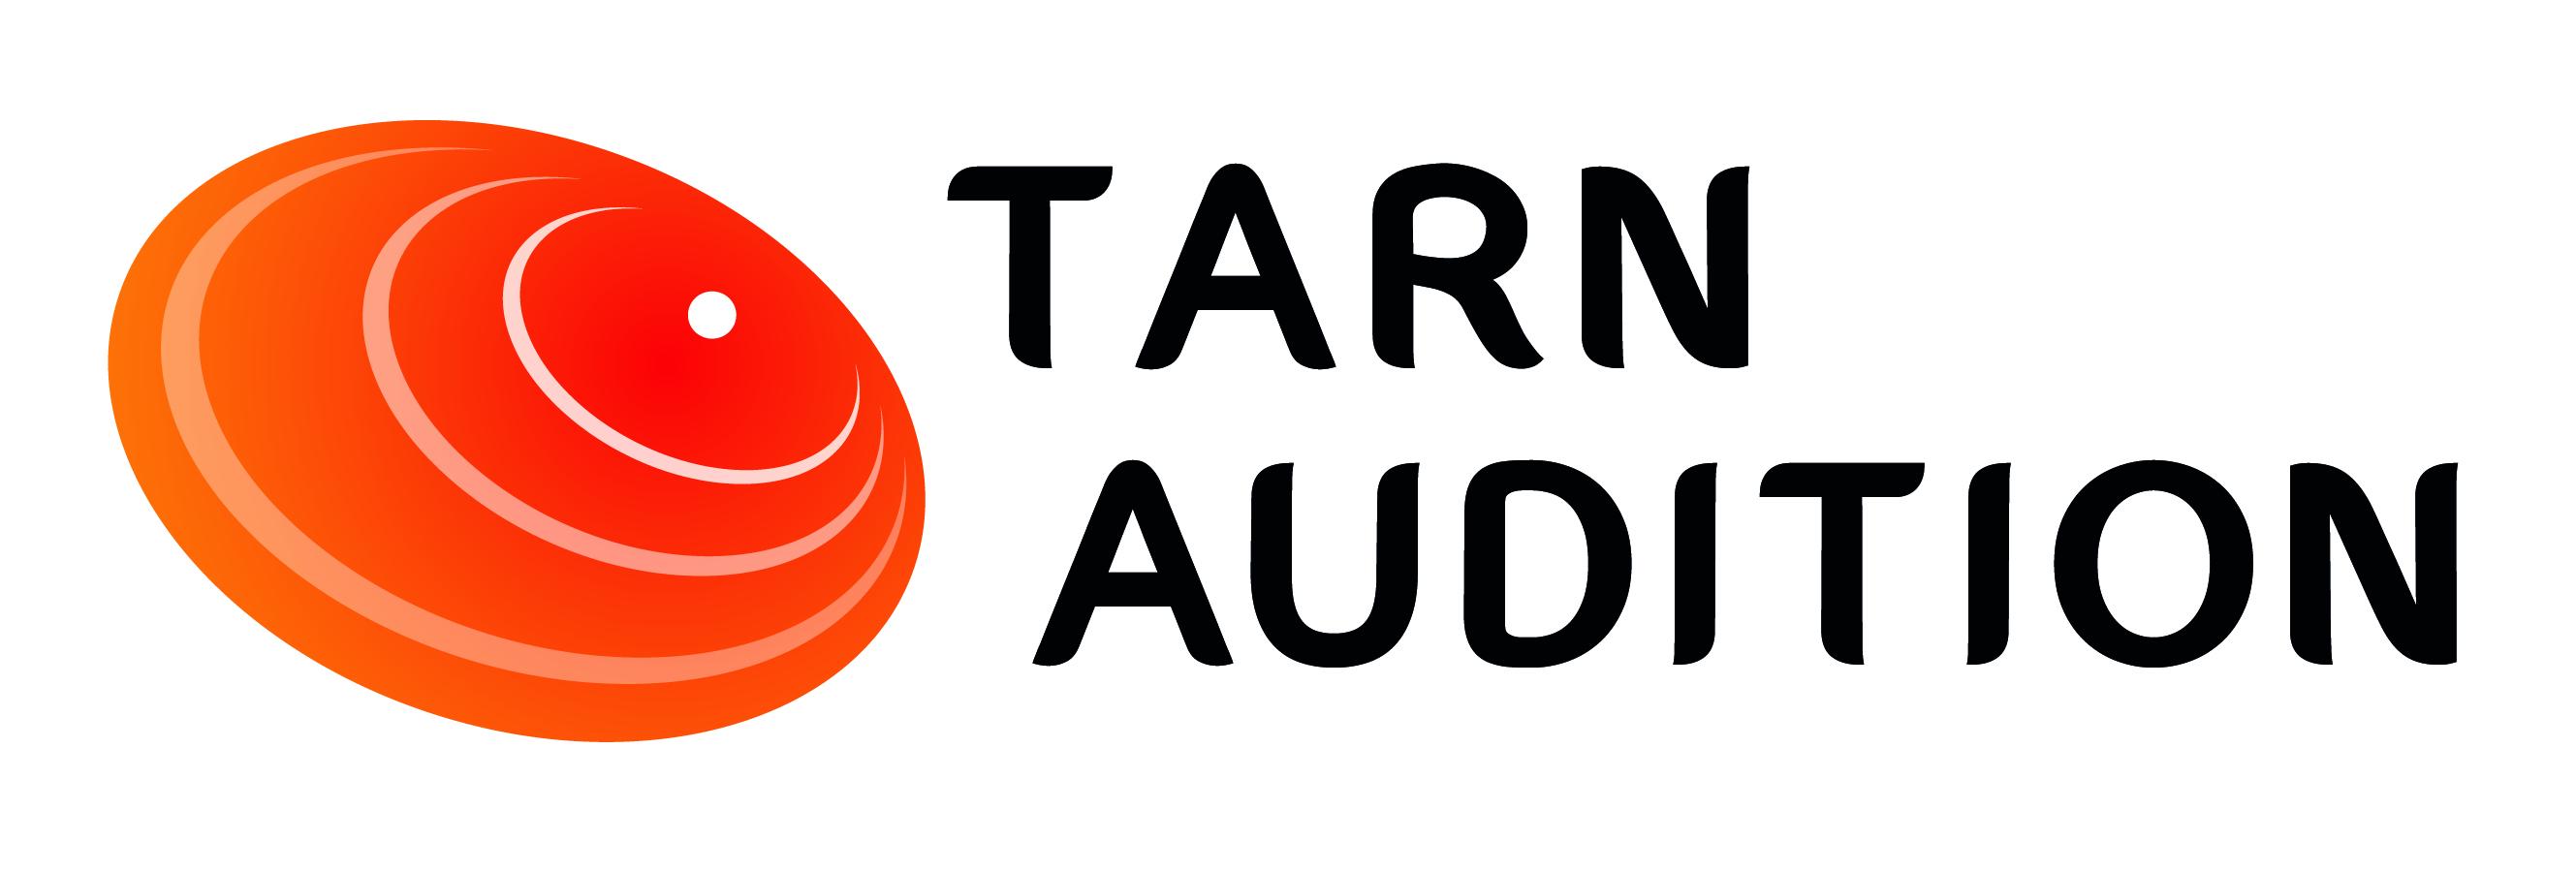 TARN AUDITION